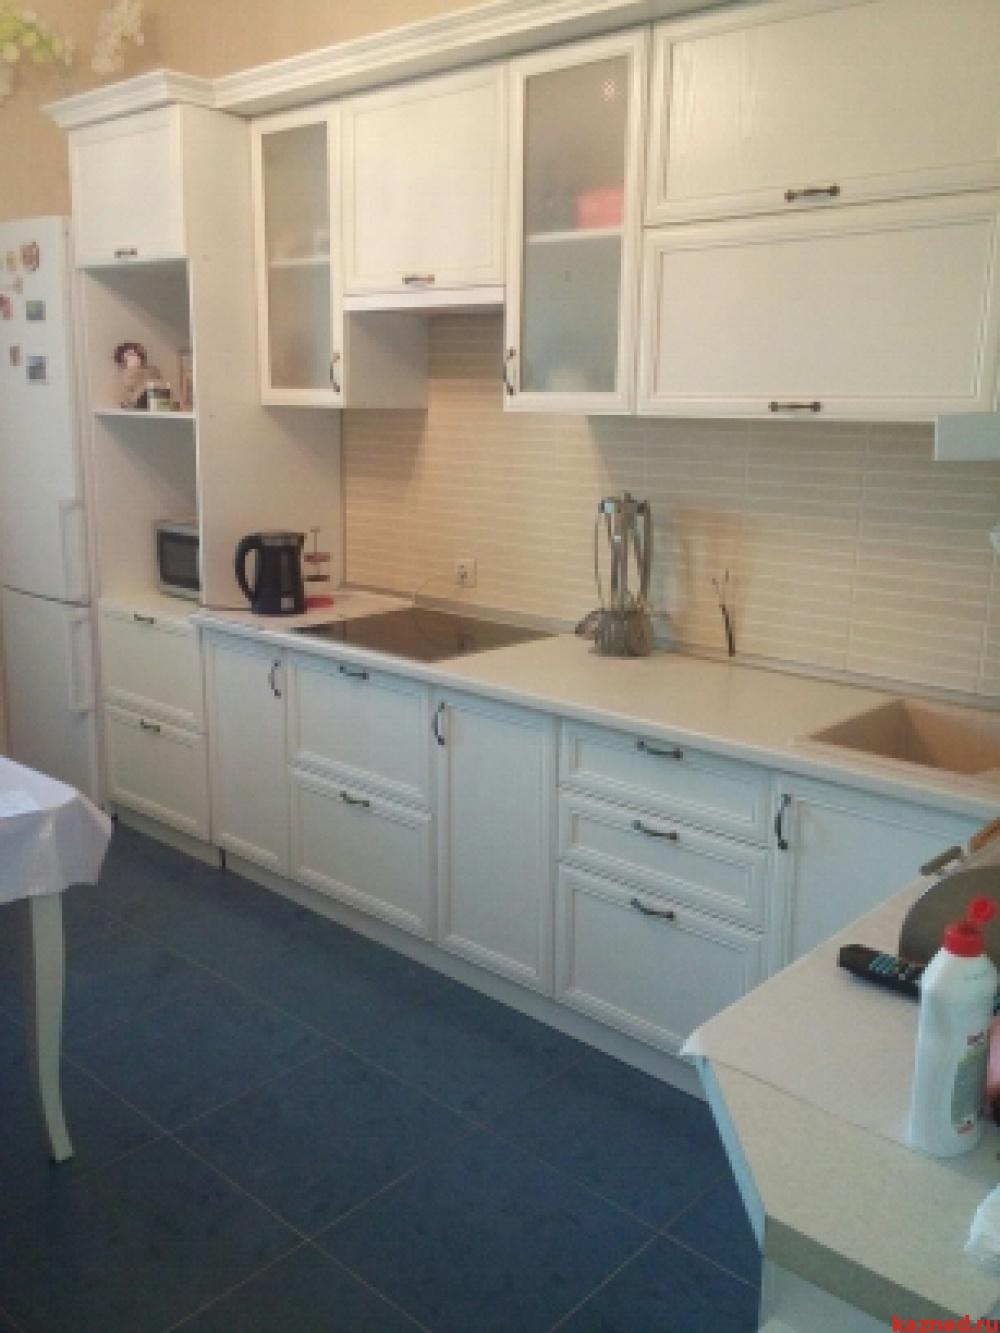 Продажа 1-к квартиры Оренбургский тракт,24Б, 48 м²  (миниатюра №1)